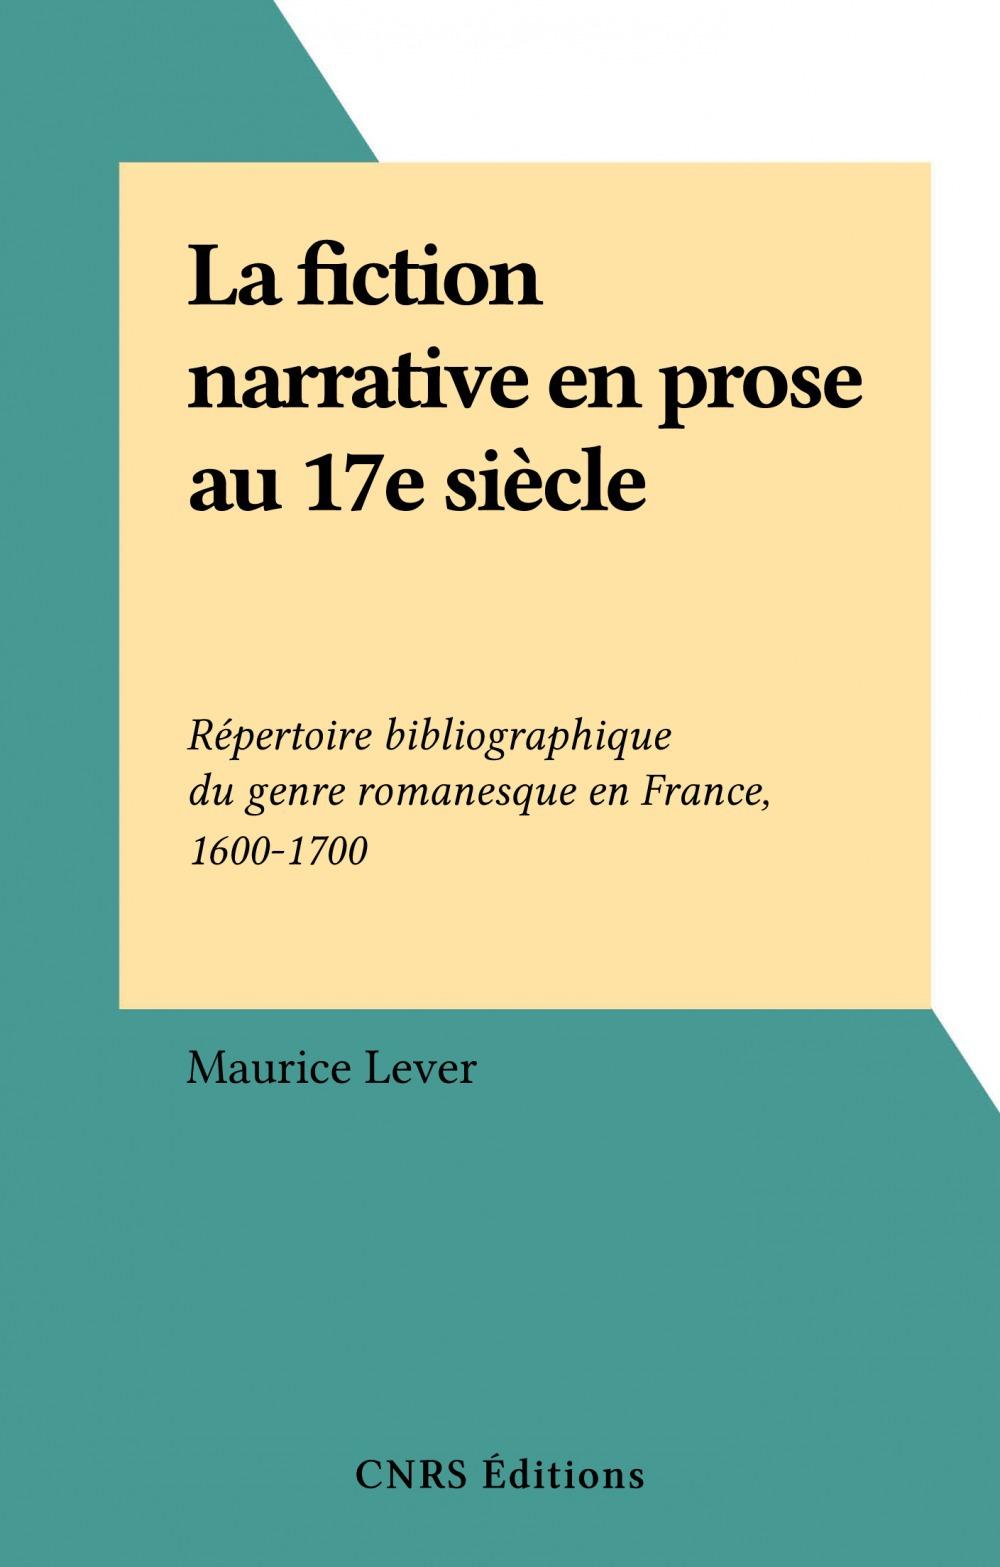 La fiction narrative en prose au 17e siècle